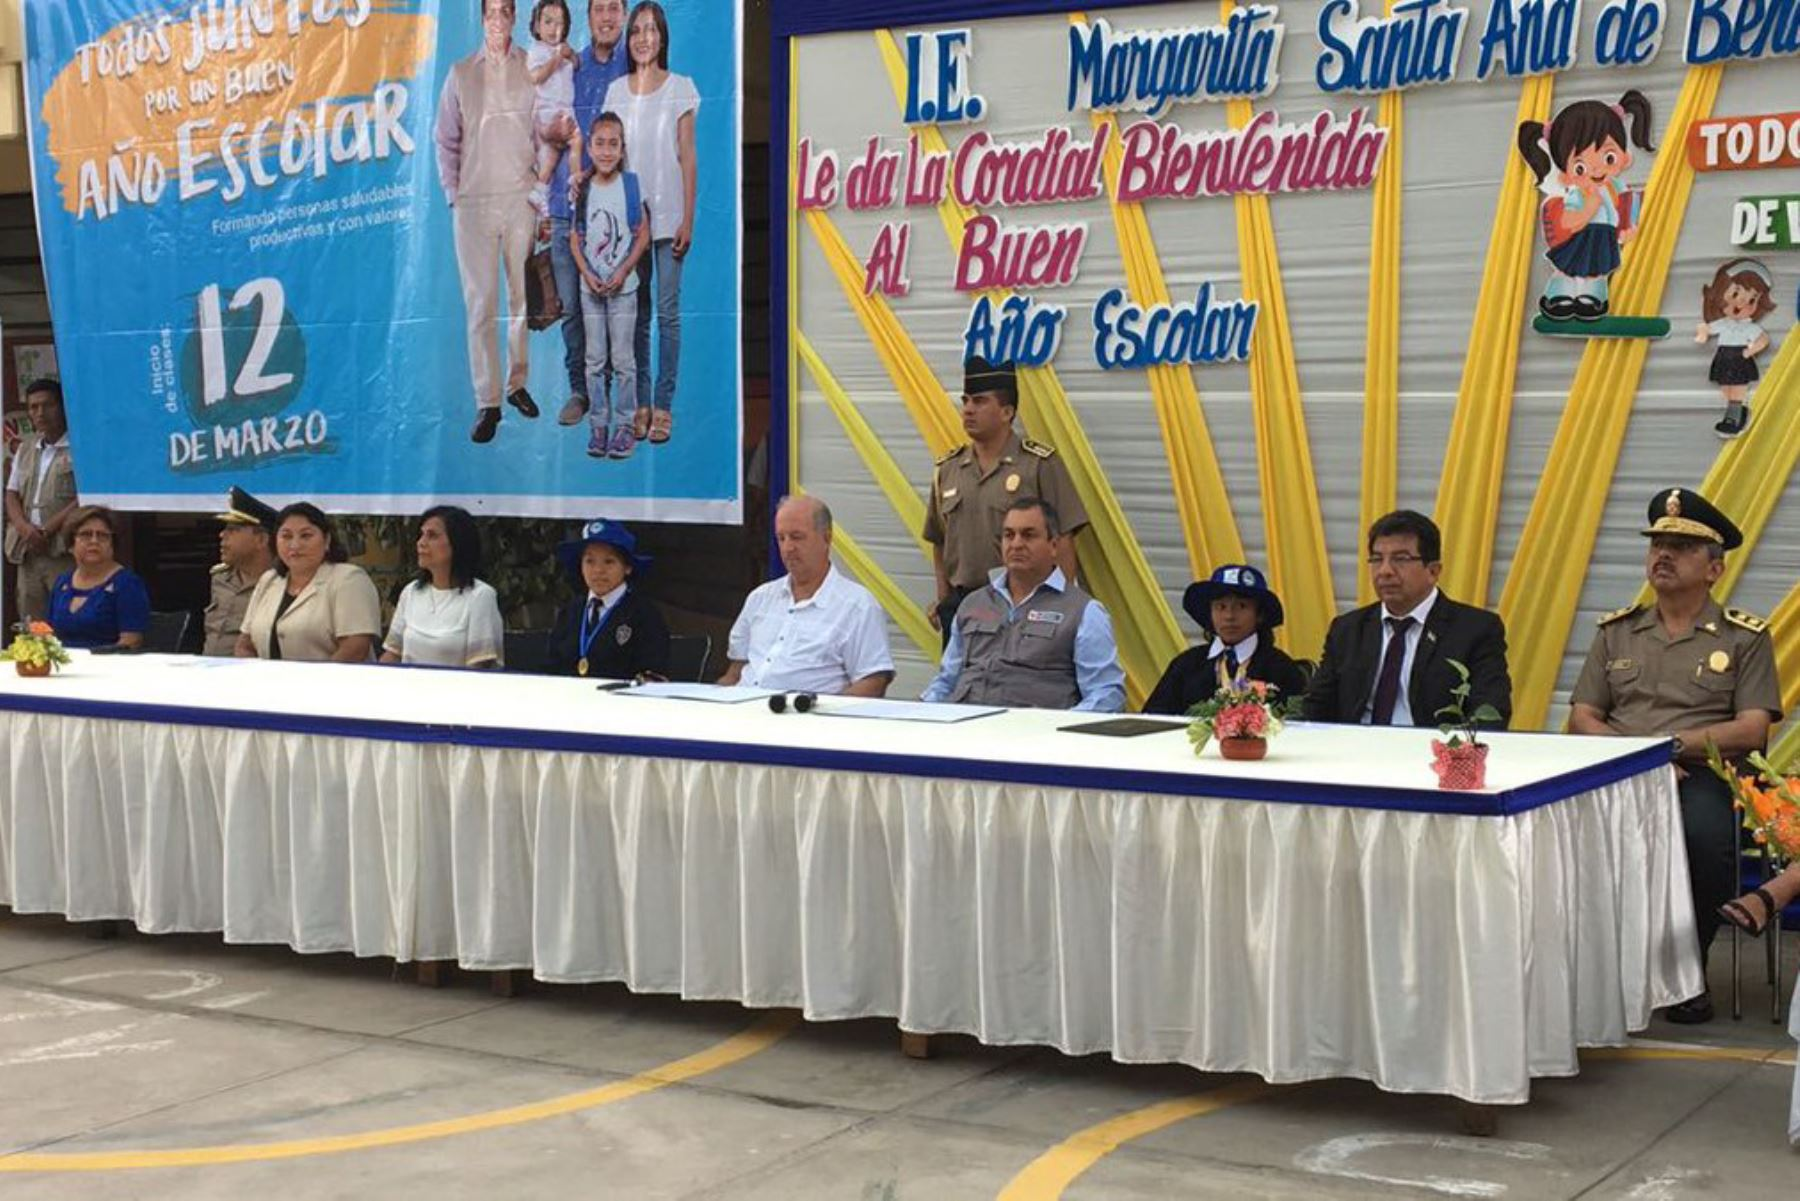 Ministro del Interior inicia Buen Año Escolar 2018 en Ica. ANDINA/Difusión